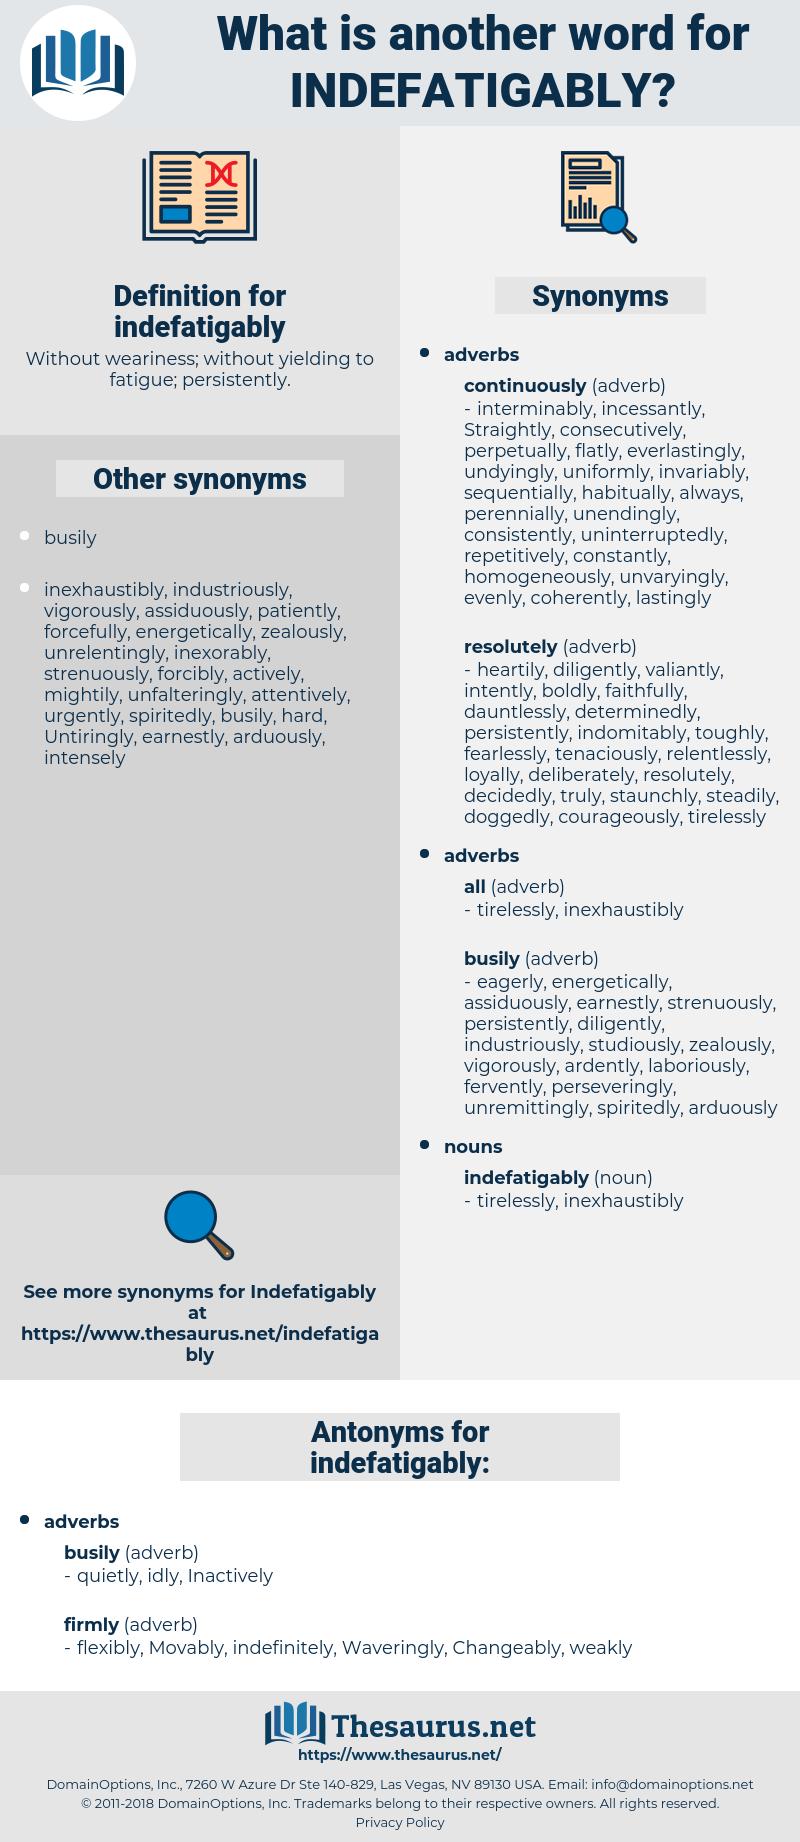 indefatigably, synonym indefatigably, another word for indefatigably, words like indefatigably, thesaurus indefatigably